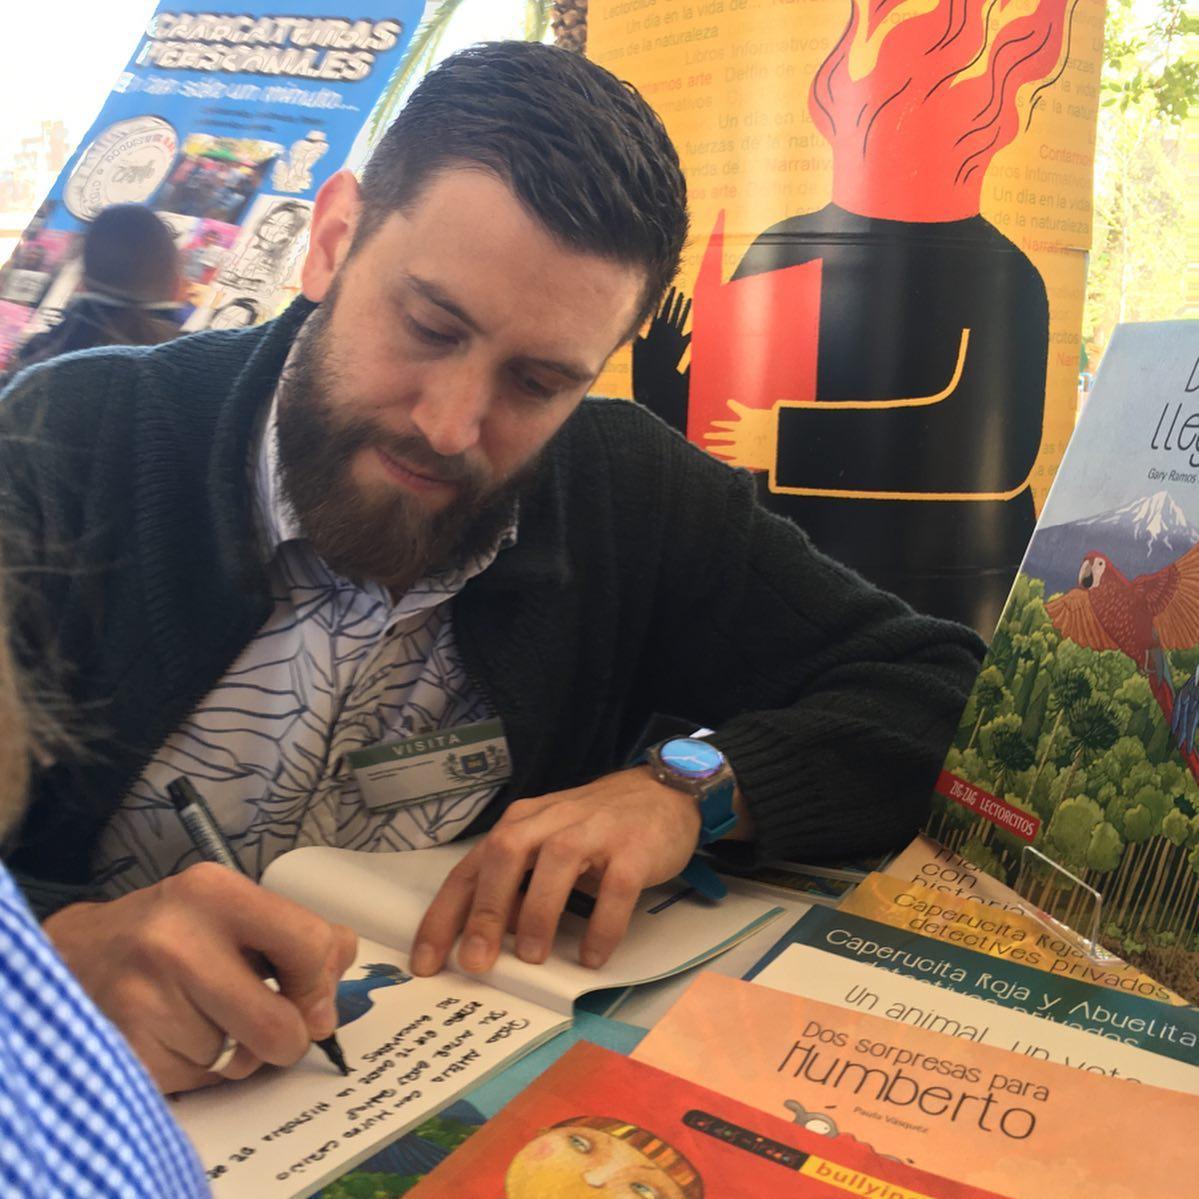 Autor de Beto y Bella llegan a Chile visitó colegio Compañía de María